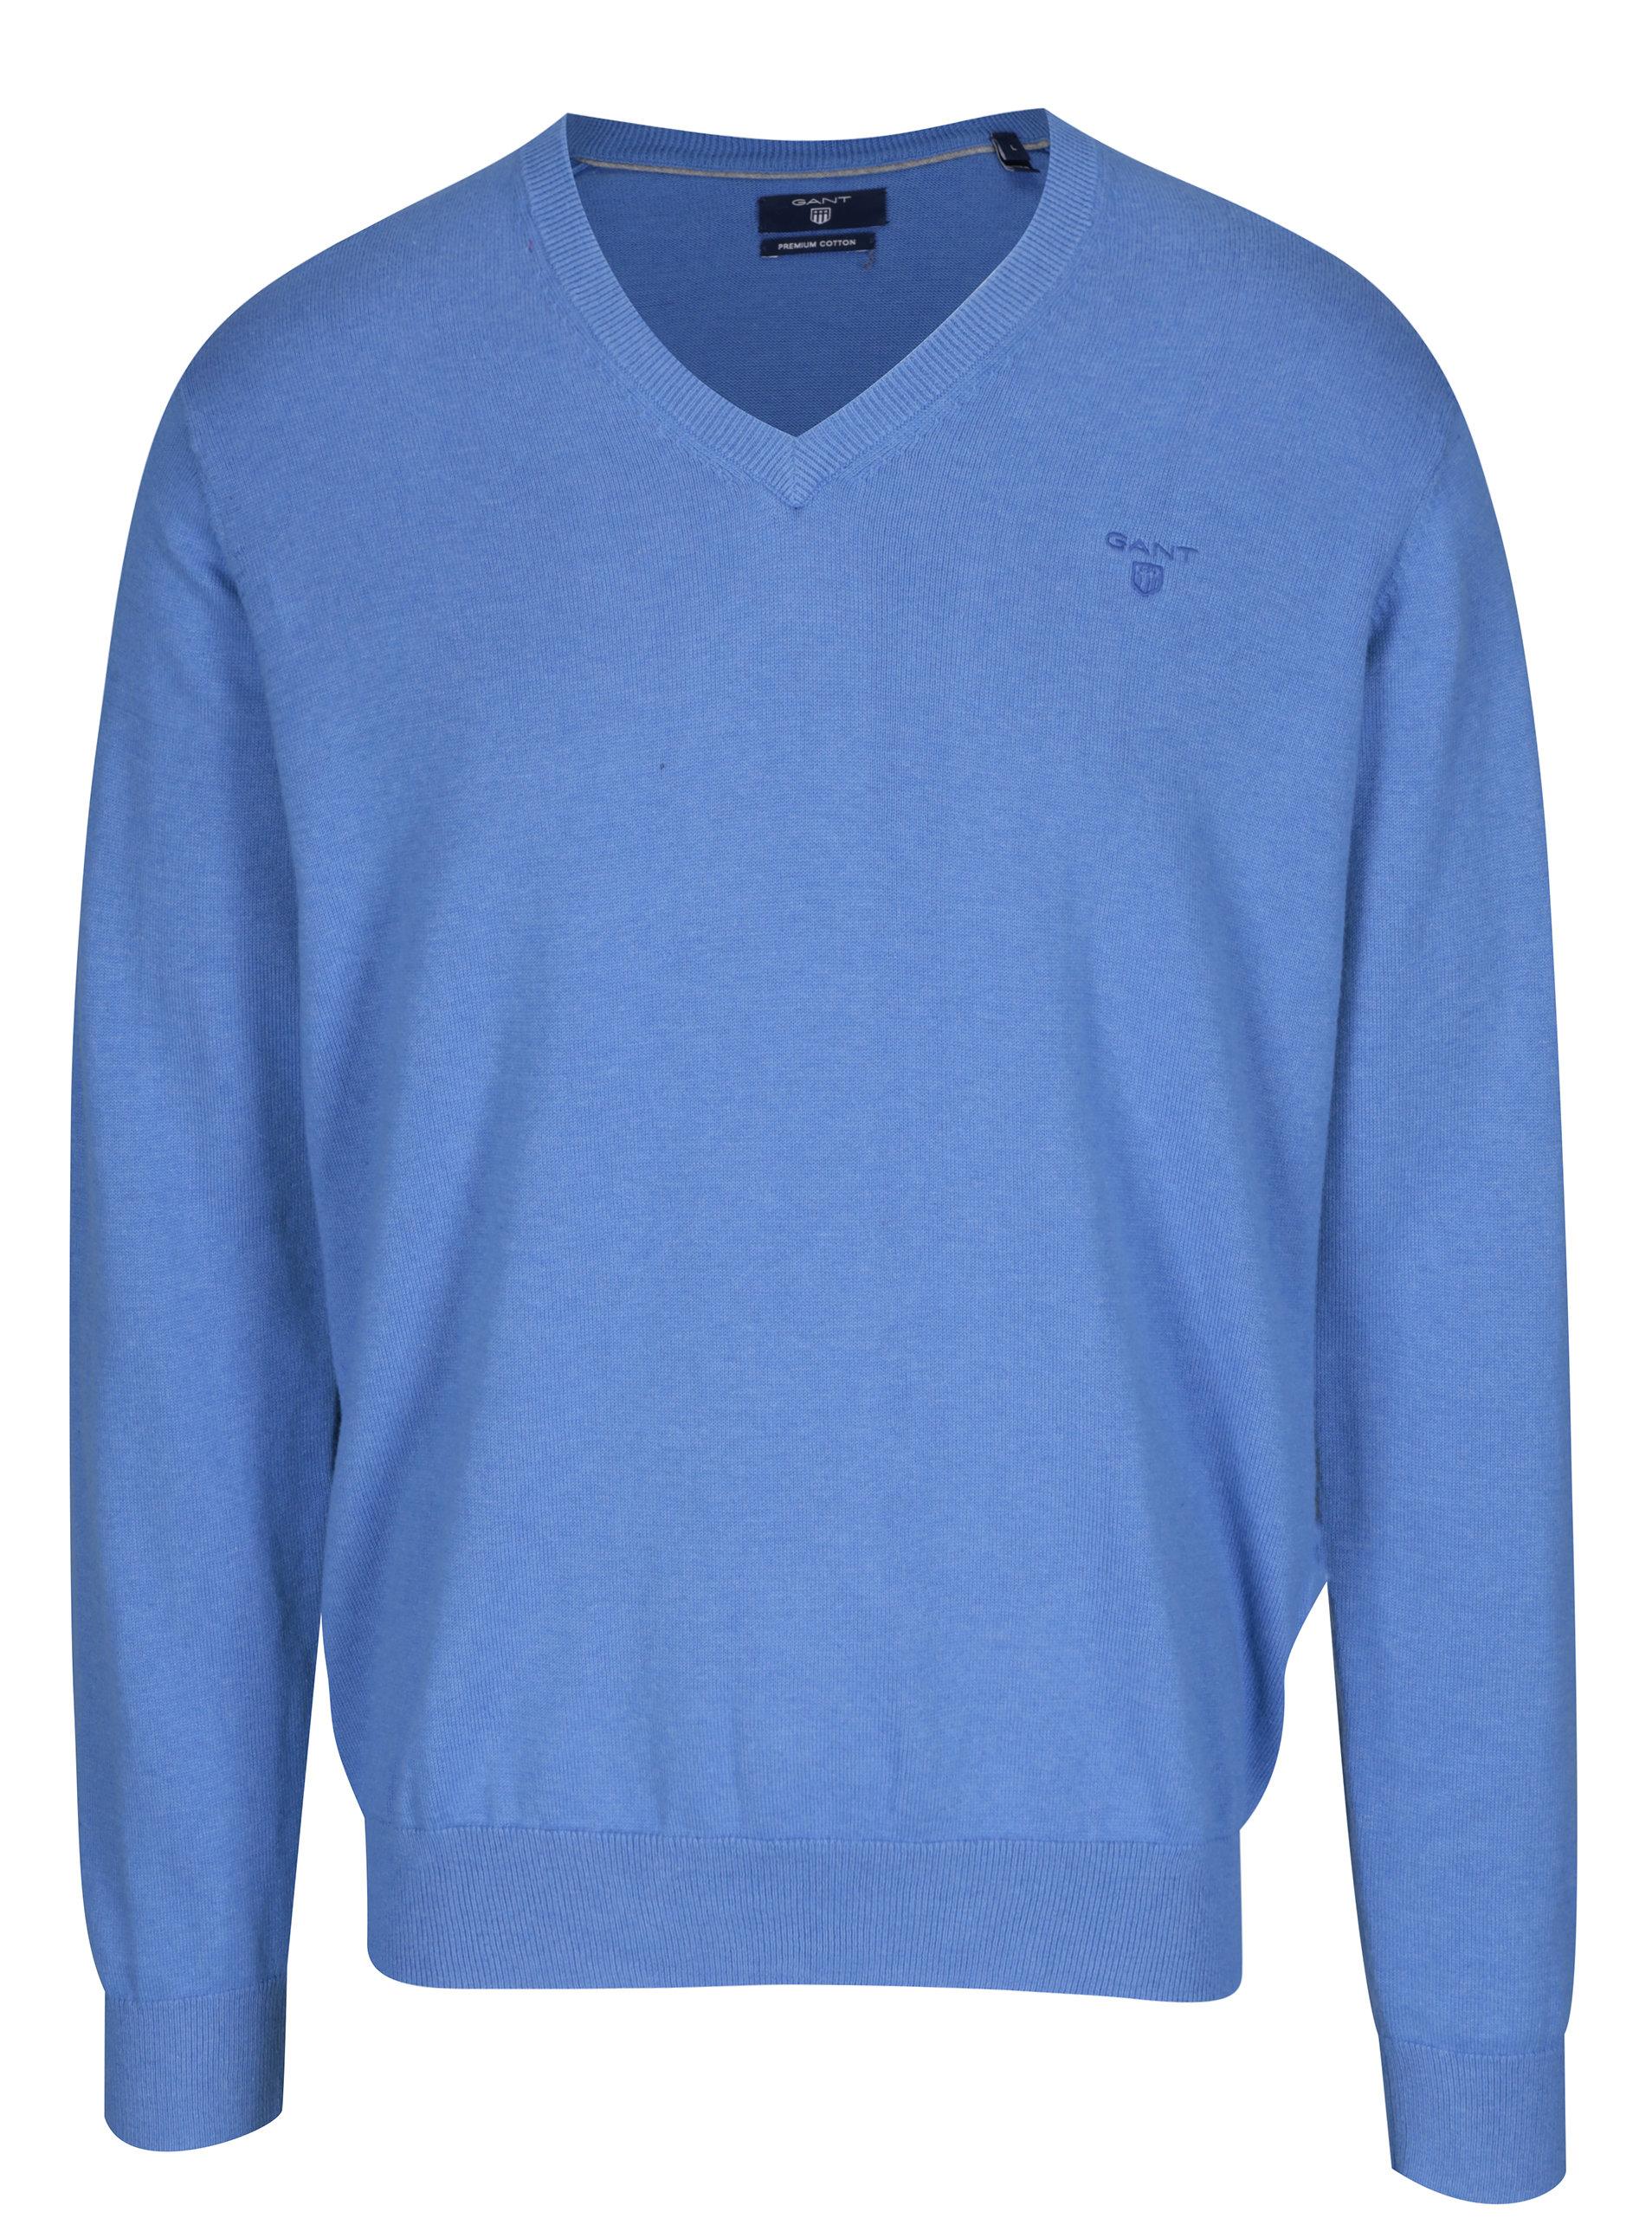 d0550fd8798b Modrý pánsky sveter s véčkovým výstrihom GANT ...